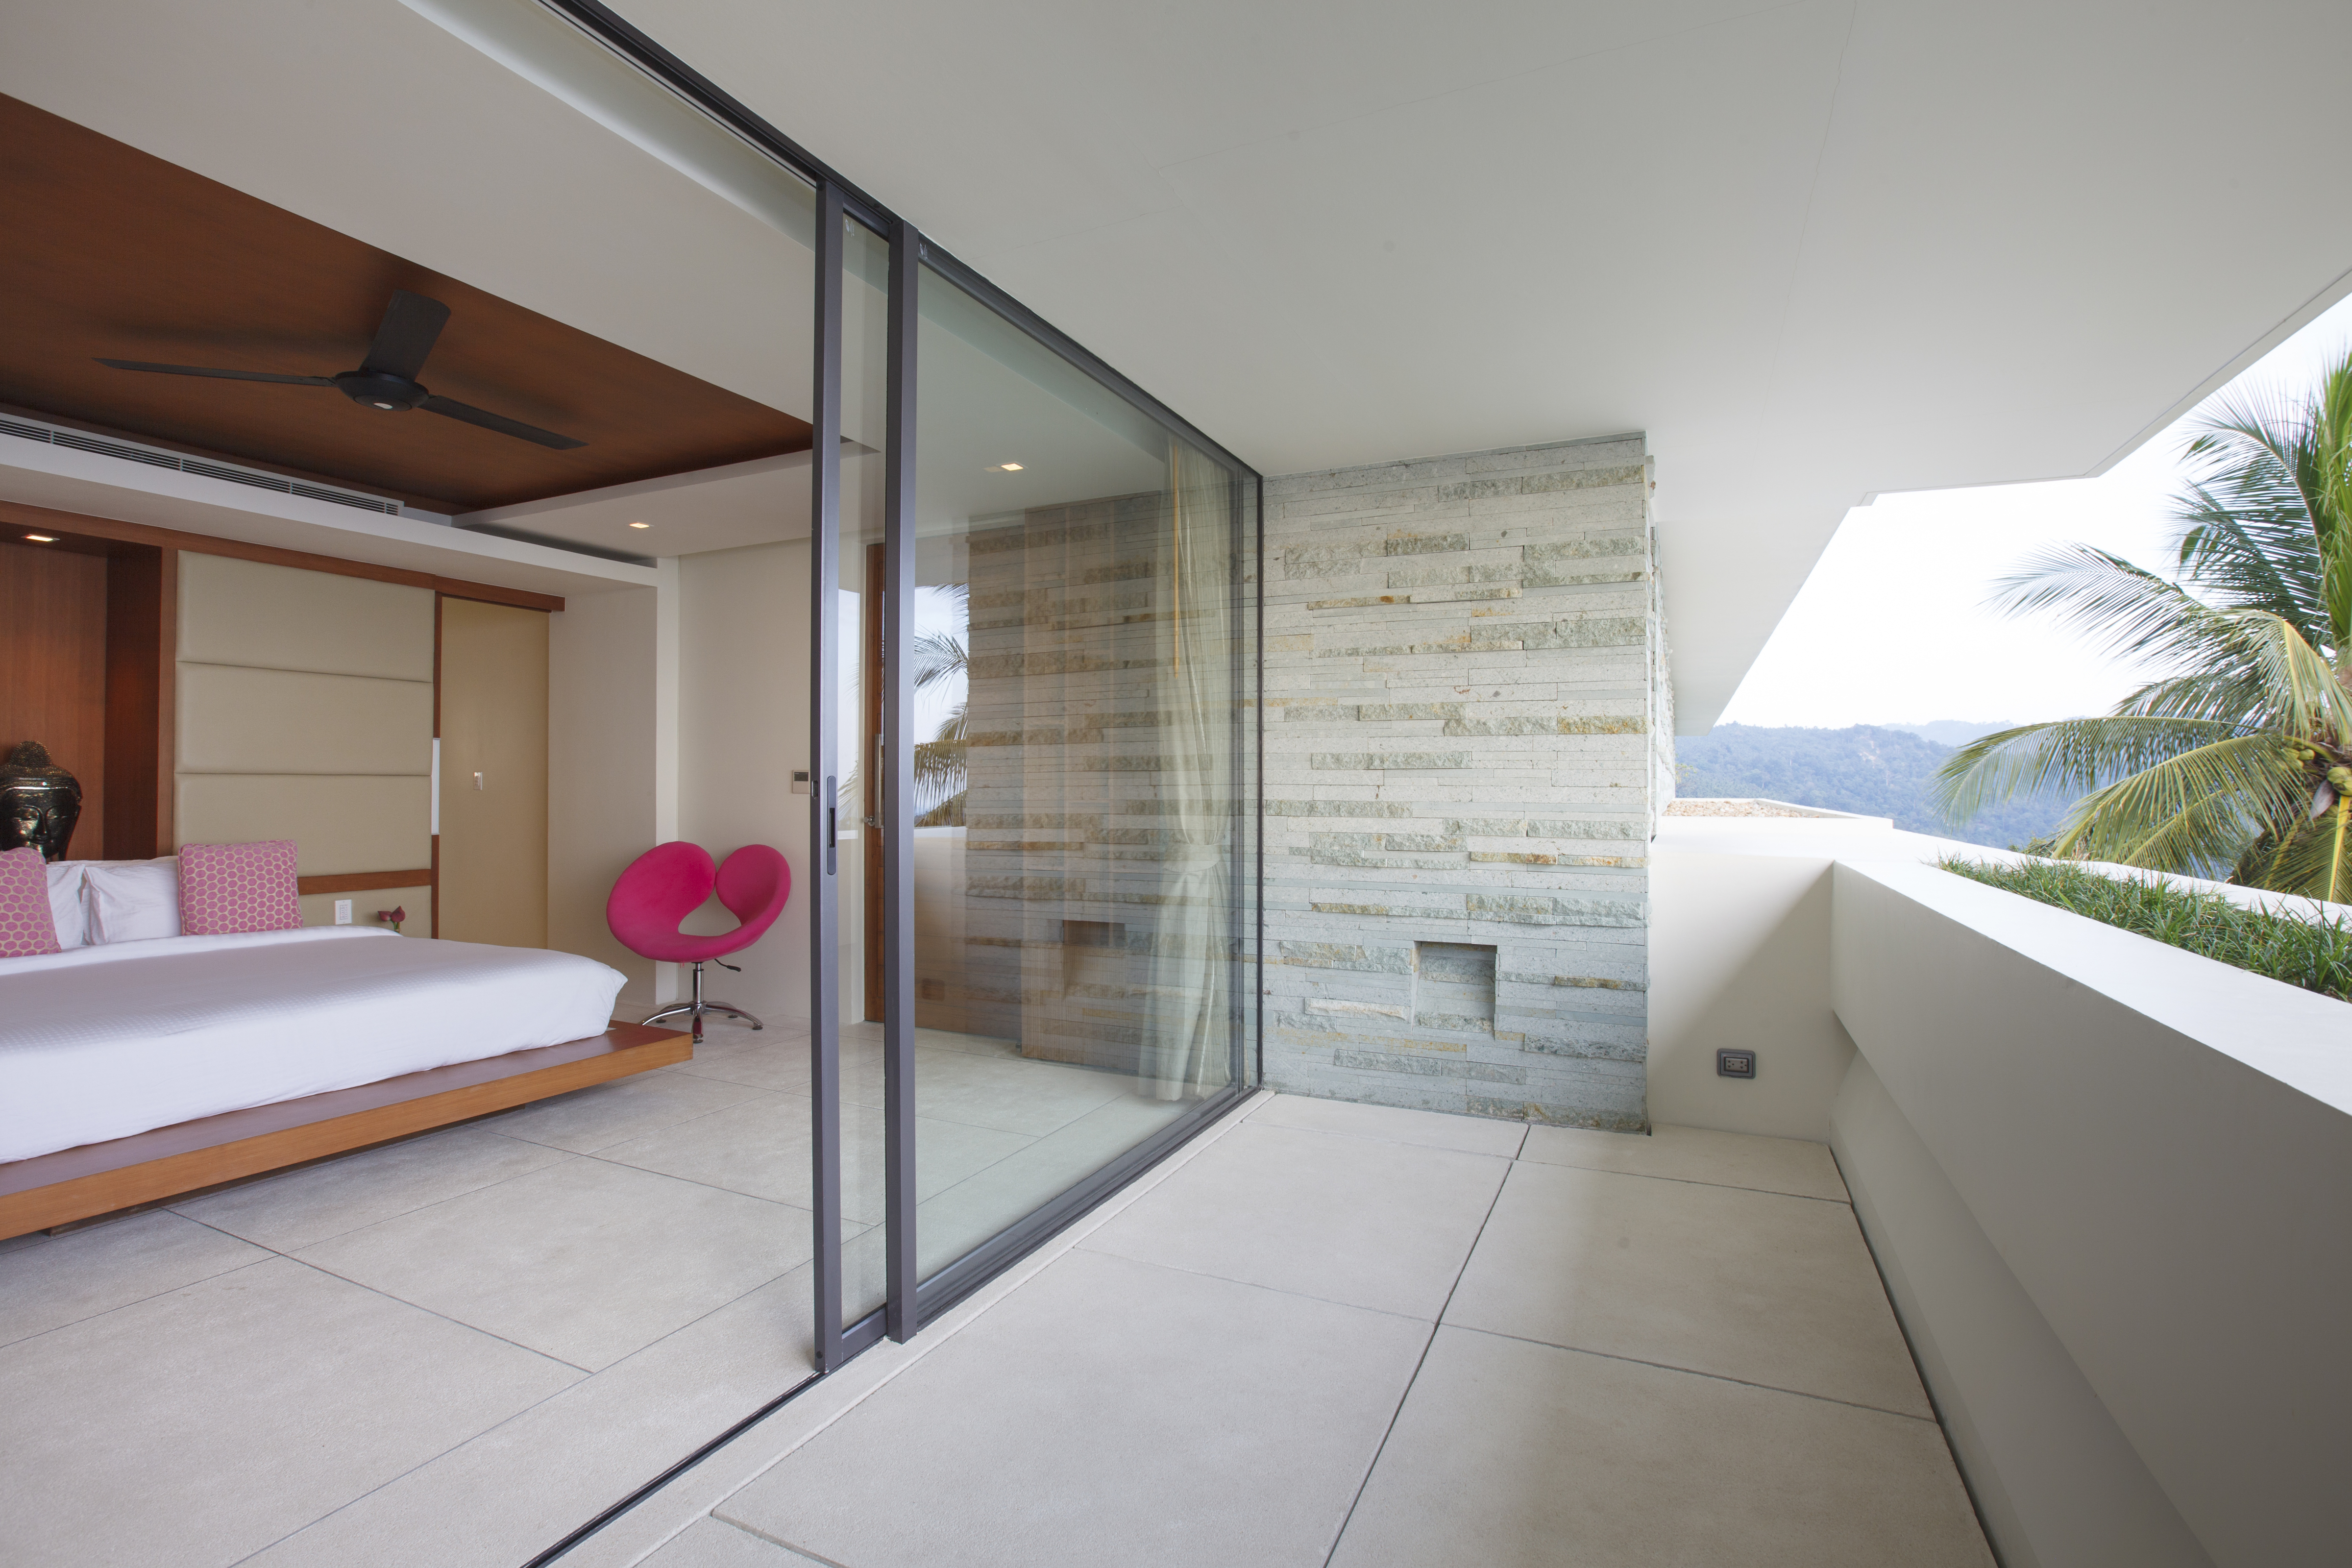 20120811-Bedroom 3-003